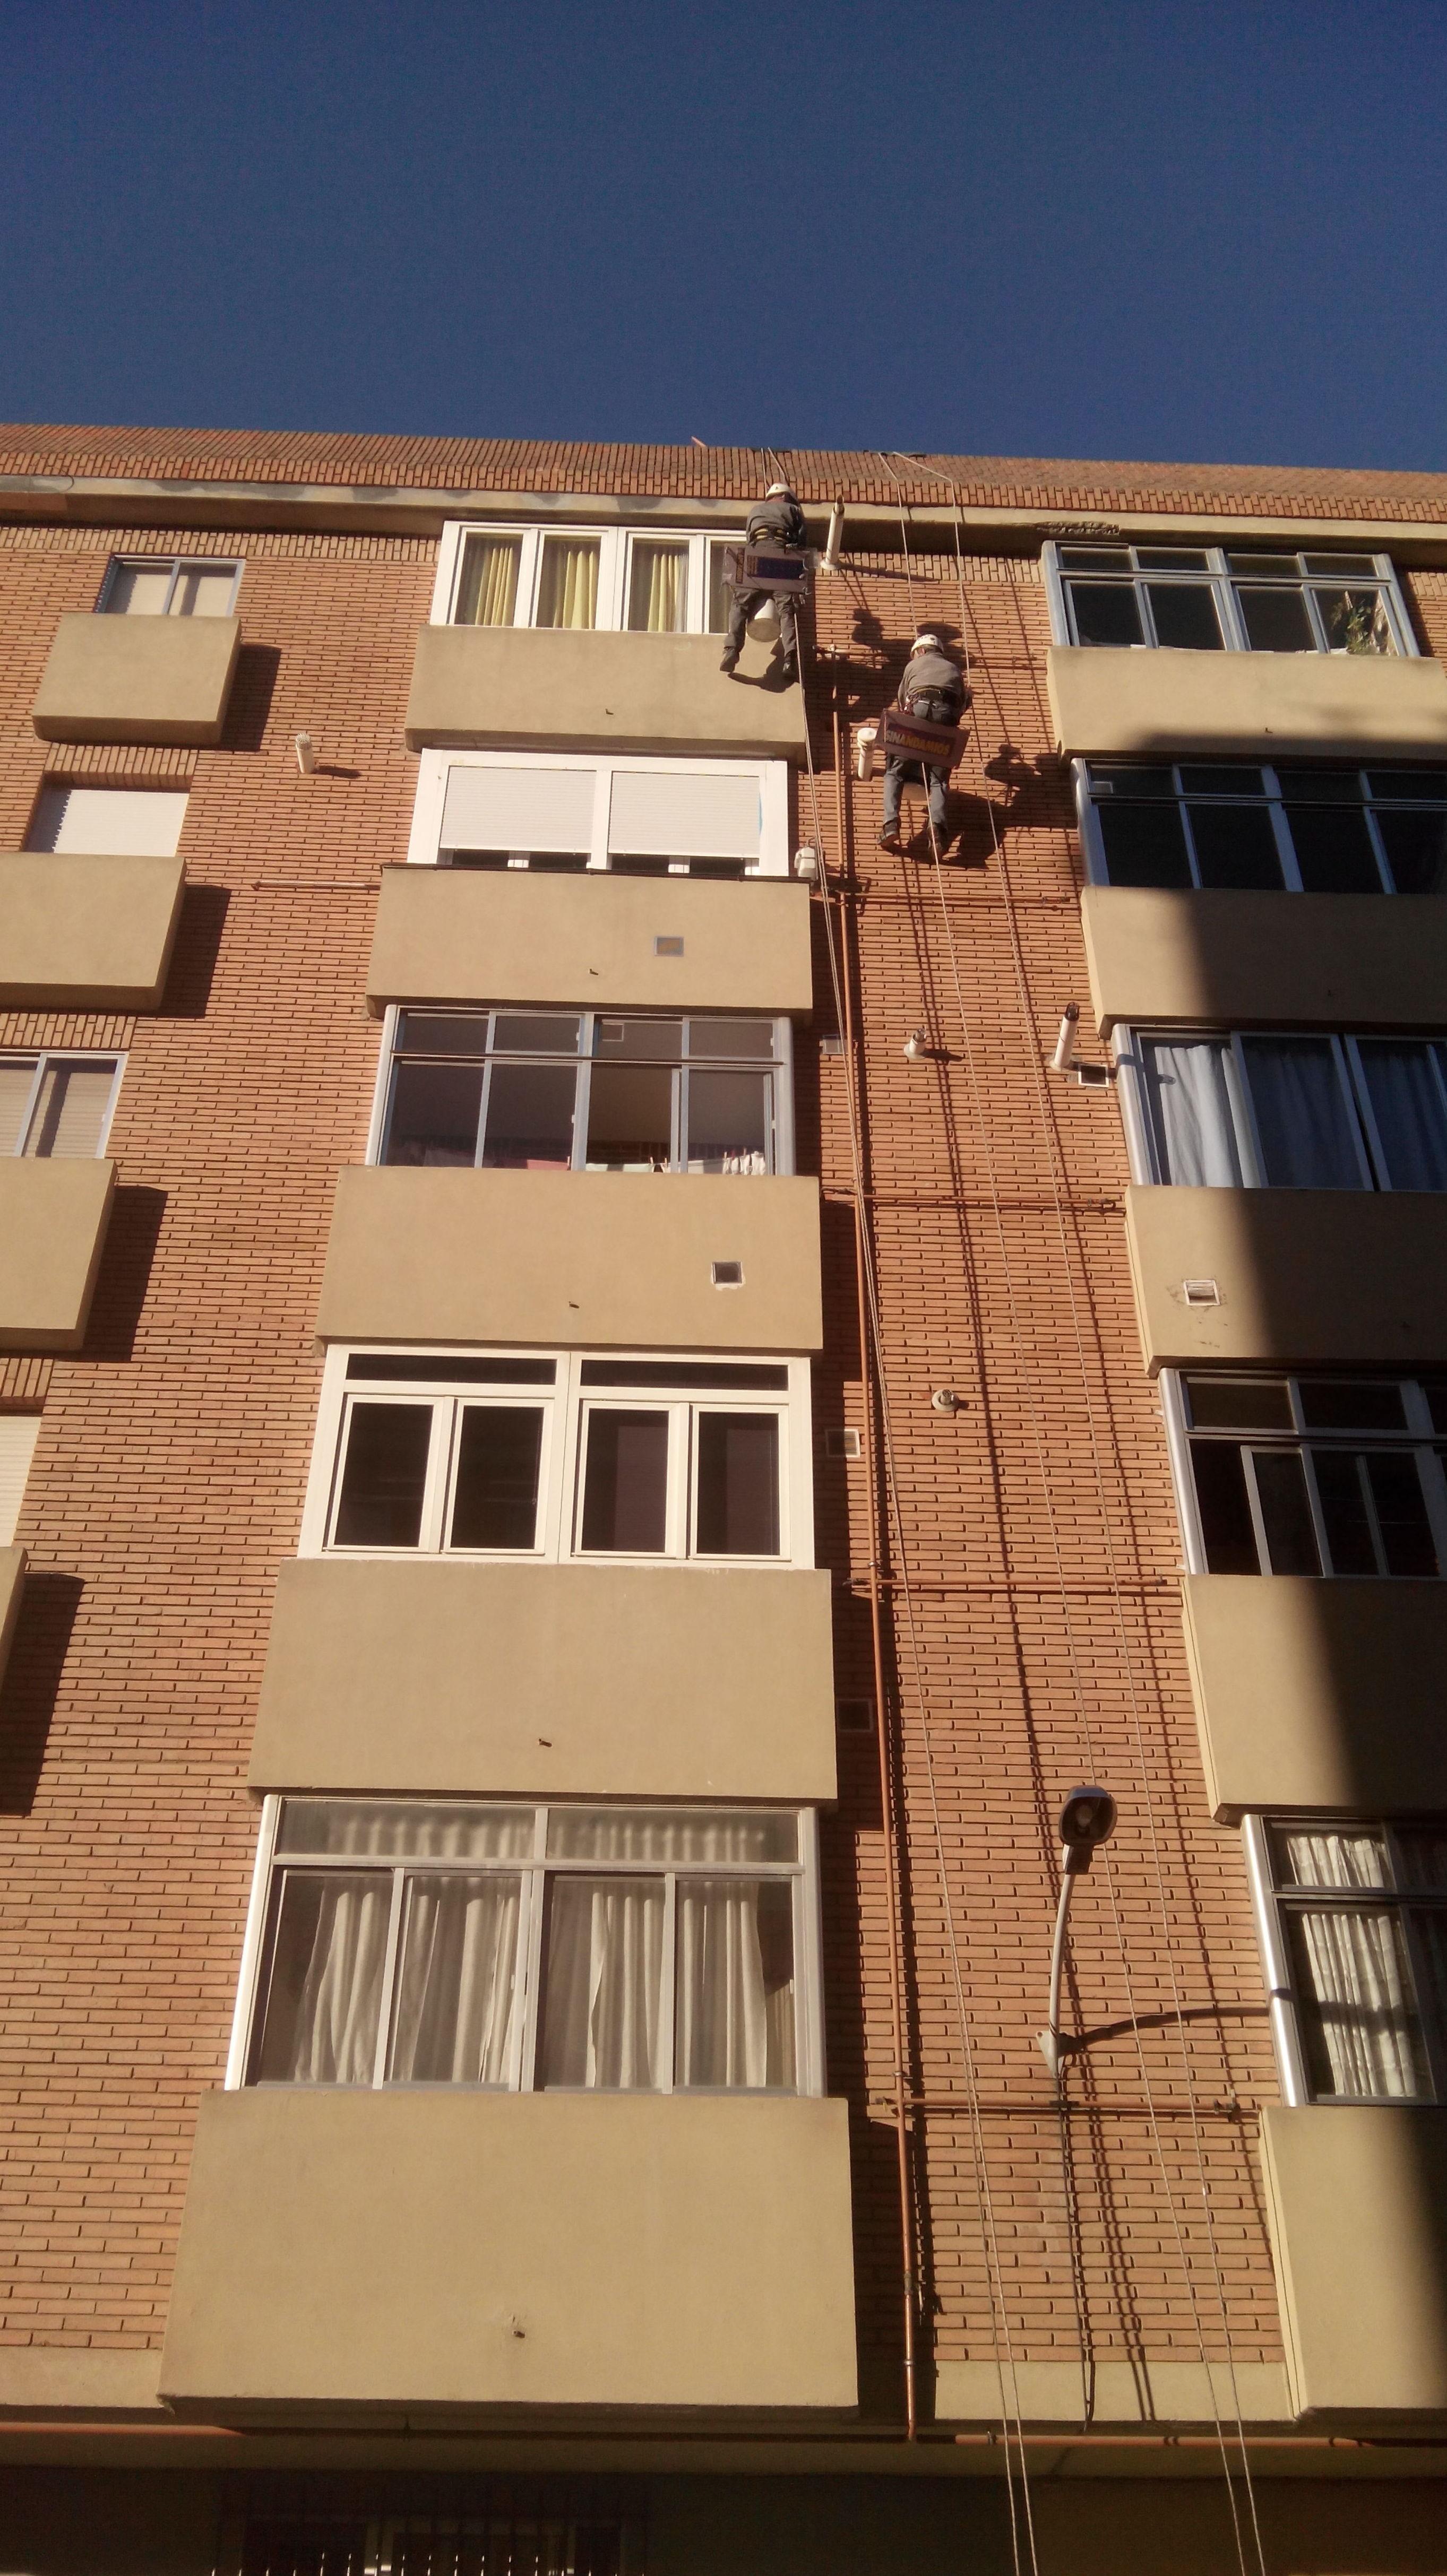 Foto 13 de Canalones en  | SINANDAMIOS ZAMORA, S.L. (Almacén)